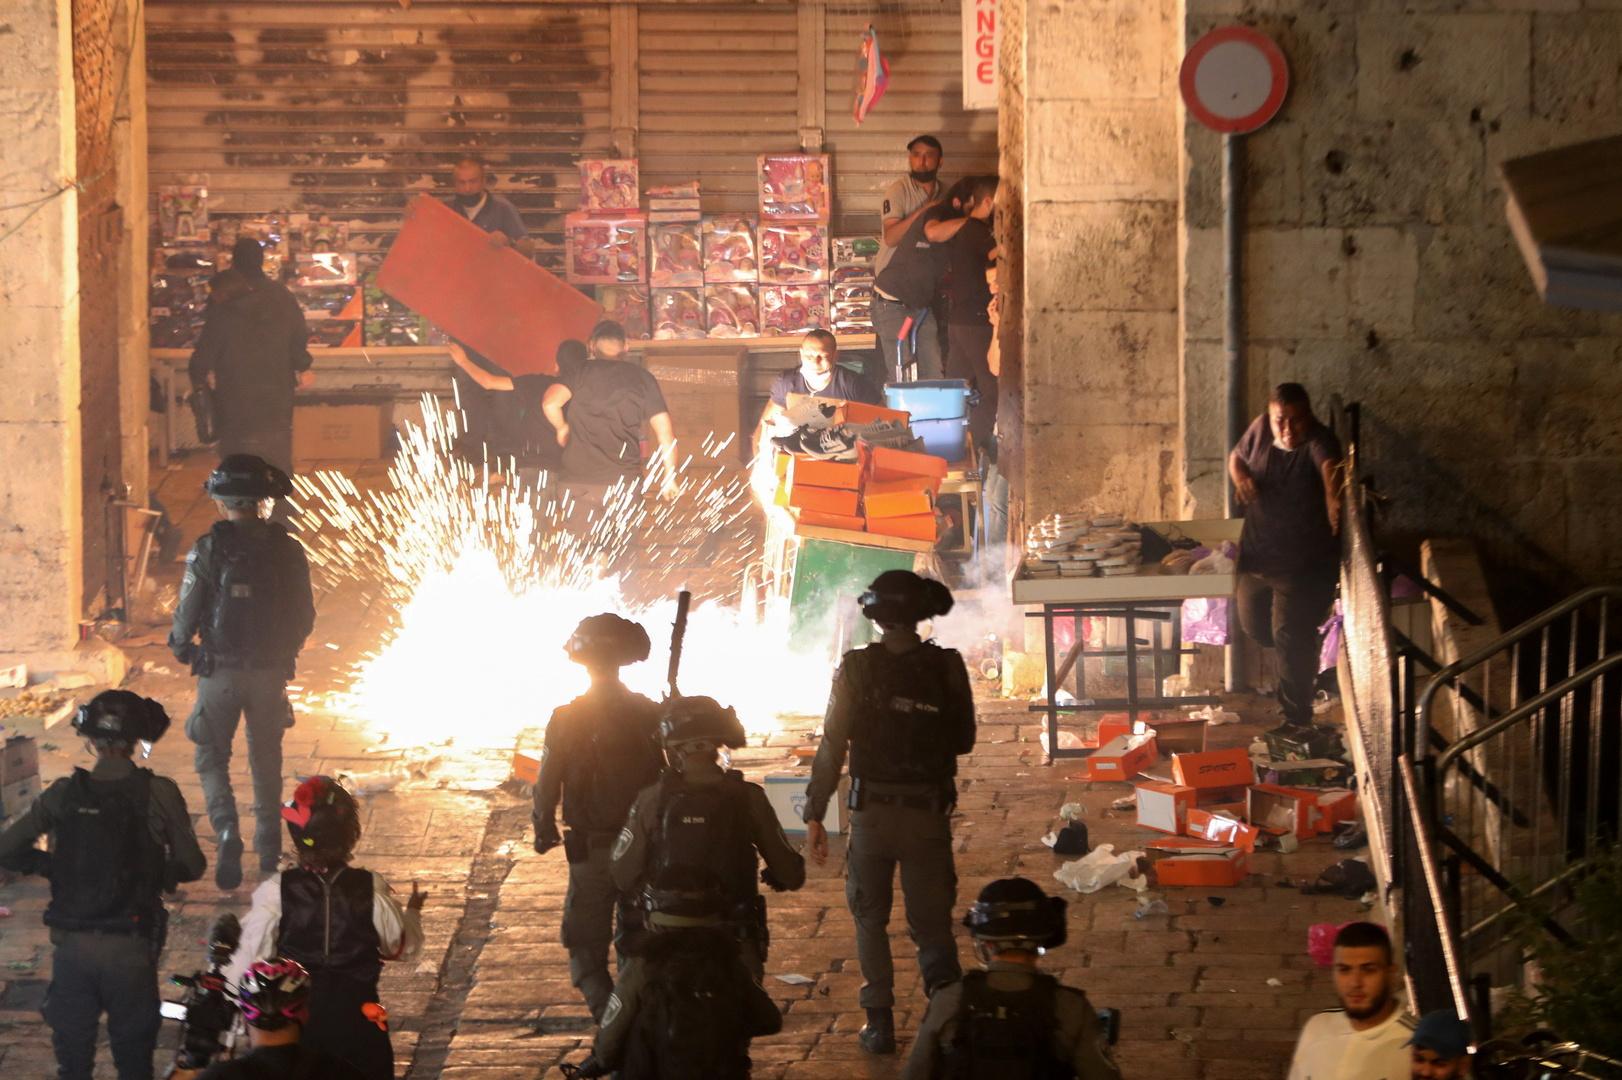 الهلال الأحمر الفلسطيني: إصابة أب وطفلته بقنابل الصوت الإسرائيلية في القدس